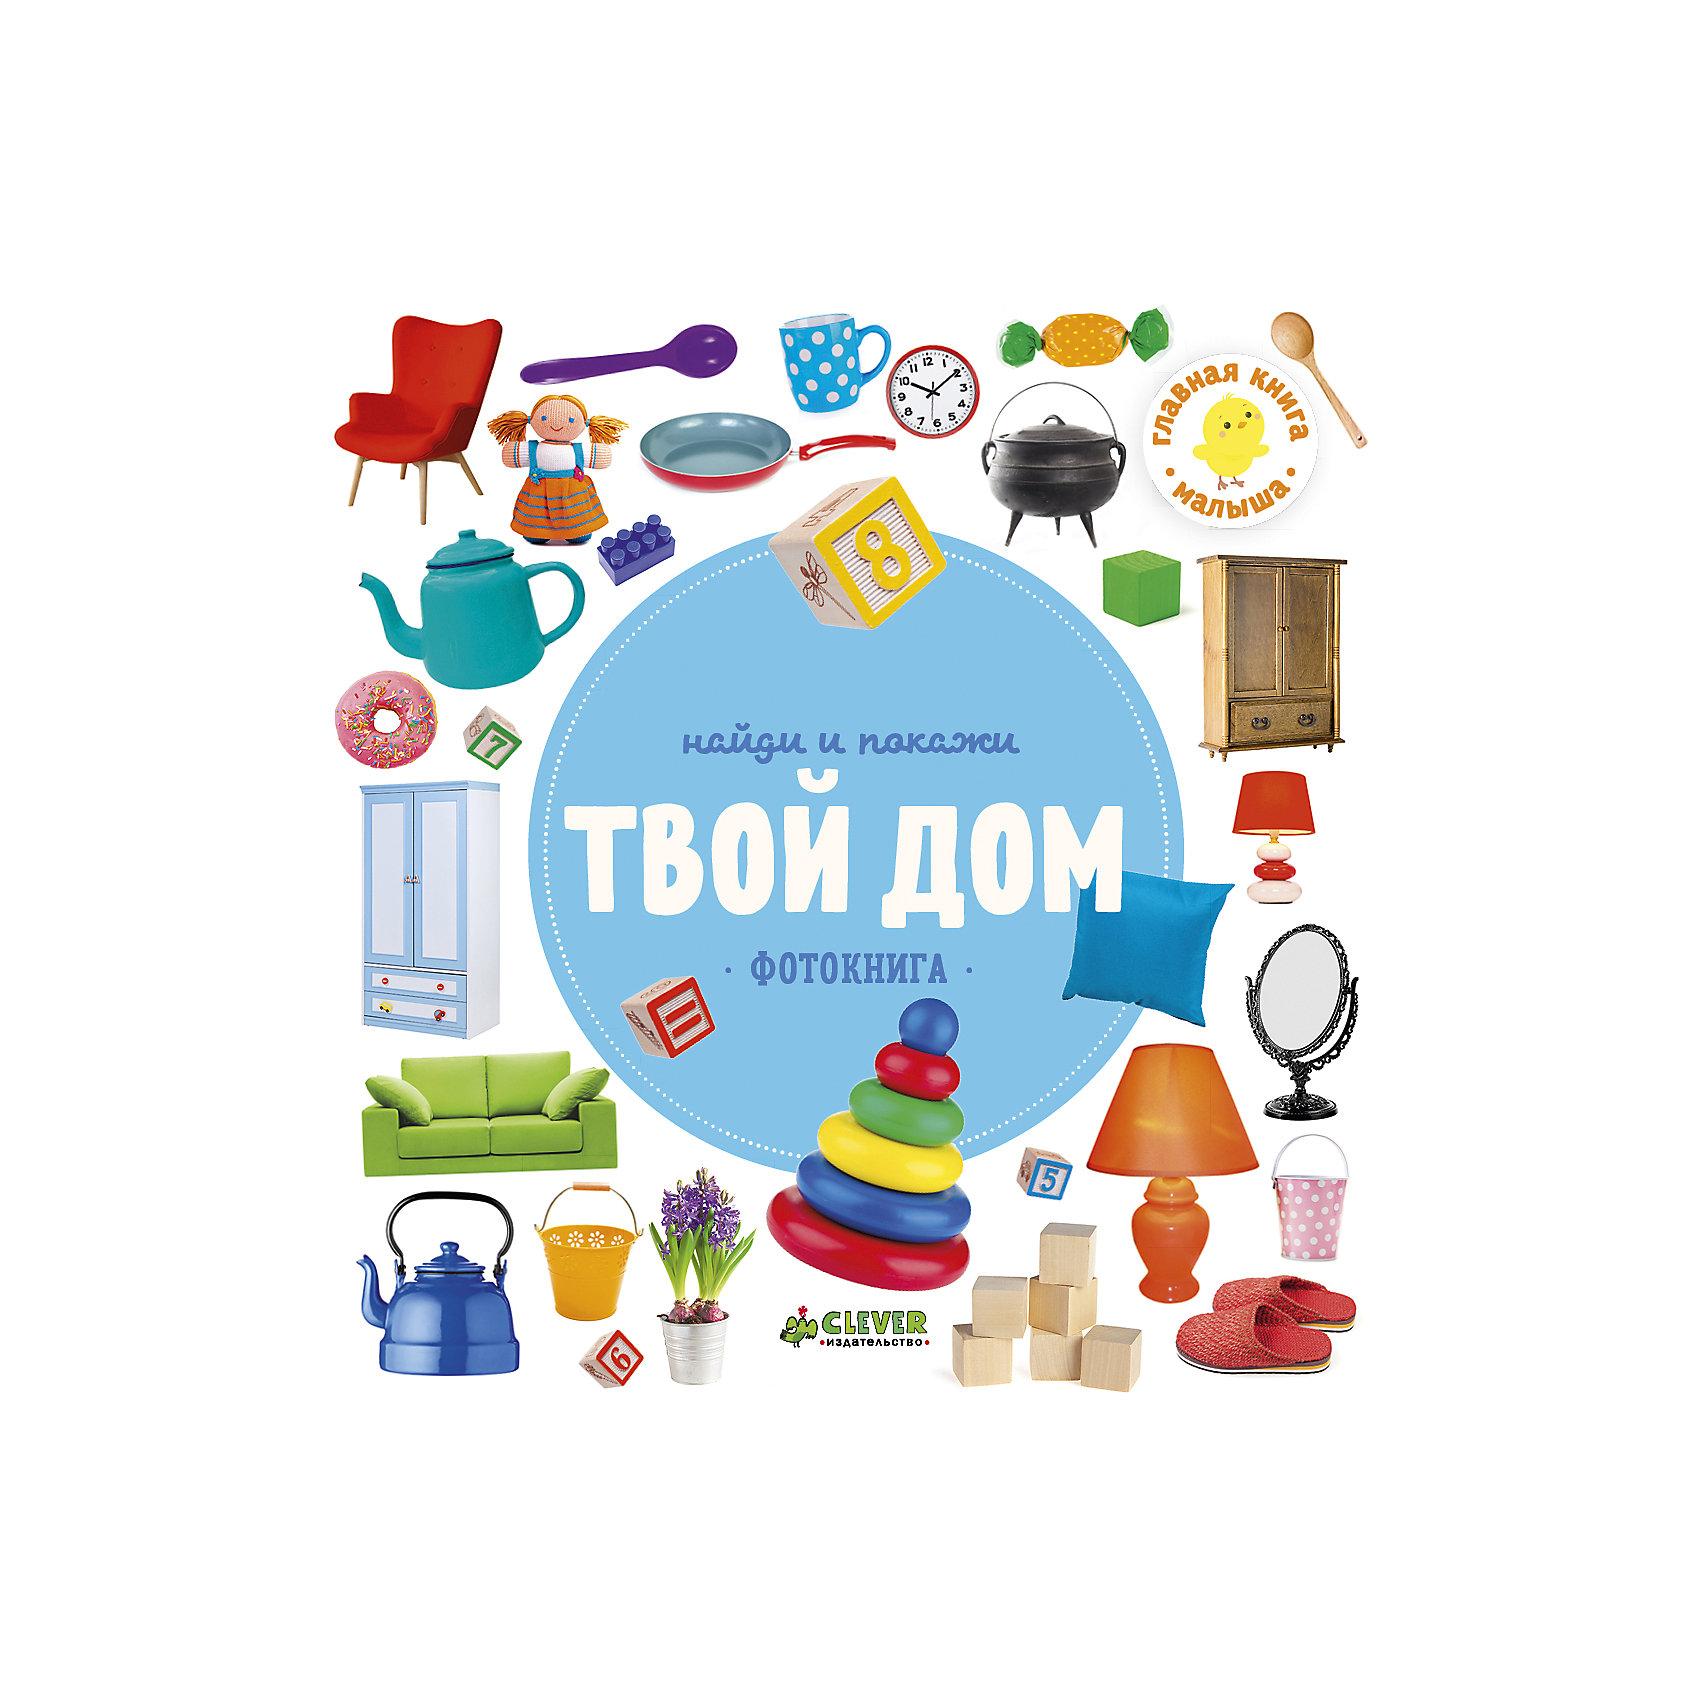 Фотокнига  Твой дом CLEVER, Найди и покажиОкружающий мир<br>Характеристики товара:<br><br>• ISBN: 978-5-906951-95-3;<br>• возраст: от 1 года;<br>• формат: 70х90/16;<br>• бумага: мелованная;<br>• тип обложки: 7Бц - твердая, (целлофанированная или лакированная);<br>• иллюстрации: цветные;<br>• серия: Найди и покажи. Фотокнига;<br>• издательство: Клевер Медиа Групп, 2017 г.;<br>• редактор: Евдокимова Анастасия;<br>• количество страниц: 24;<br>• размеры: 18,6х17,5х0,8 см;<br>• масса: 184 г.<br><br>Красочная книга с красивыми фотографиями и крупным шрифтом подходит для самых маленьких читателей. На страницах фотокниги представлены предметы быта и домашние принадлежности. Малыши выучат их названия и функции, а также познакомятся с оттенками цветов, освоят счет. Задания-находилки надолго увлекут мальчиков и девочек, ведь это так интересно.<br><br>Книга предназначена для занятий с самого раннего возраста, помогает развивать речь, память, логику, внимание. Плотные страницы легко переворачиваются и безопасны для ребенка. <br><br>Фотокнигу «Твой дом», Евдокимова А., Клевер Медиа Групп, можно купить в нашем интернет-магазине.<br>.<br><br>Ширина мм: 180<br>Глубина мм: 170<br>Высота мм: 5<br>Вес г: 183<br>Возраст от месяцев: 12<br>Возраст до месяцев: 36<br>Пол: Унисекс<br>Возраст: Детский<br>SKU: 7039984